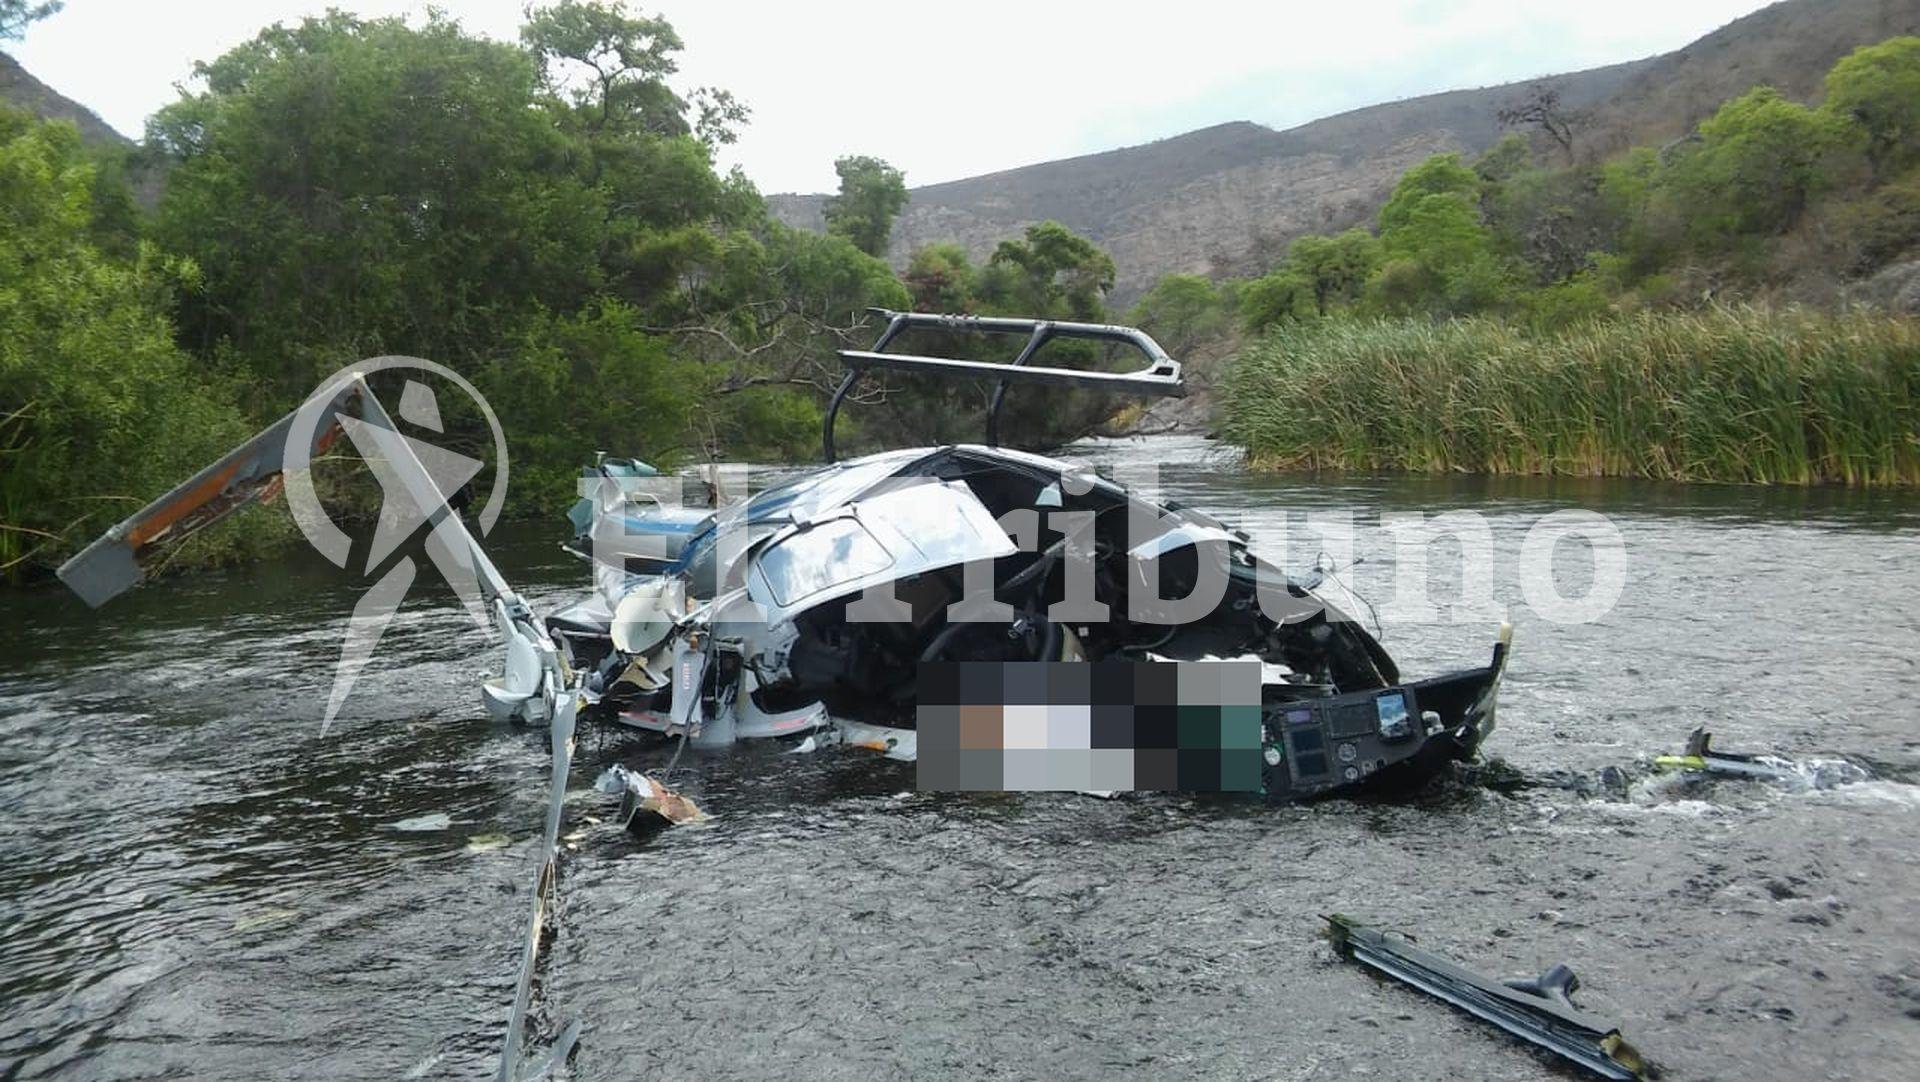 Así quedó el helicóptero tras el trágico accidente. FOTO: EL TRIBUNO